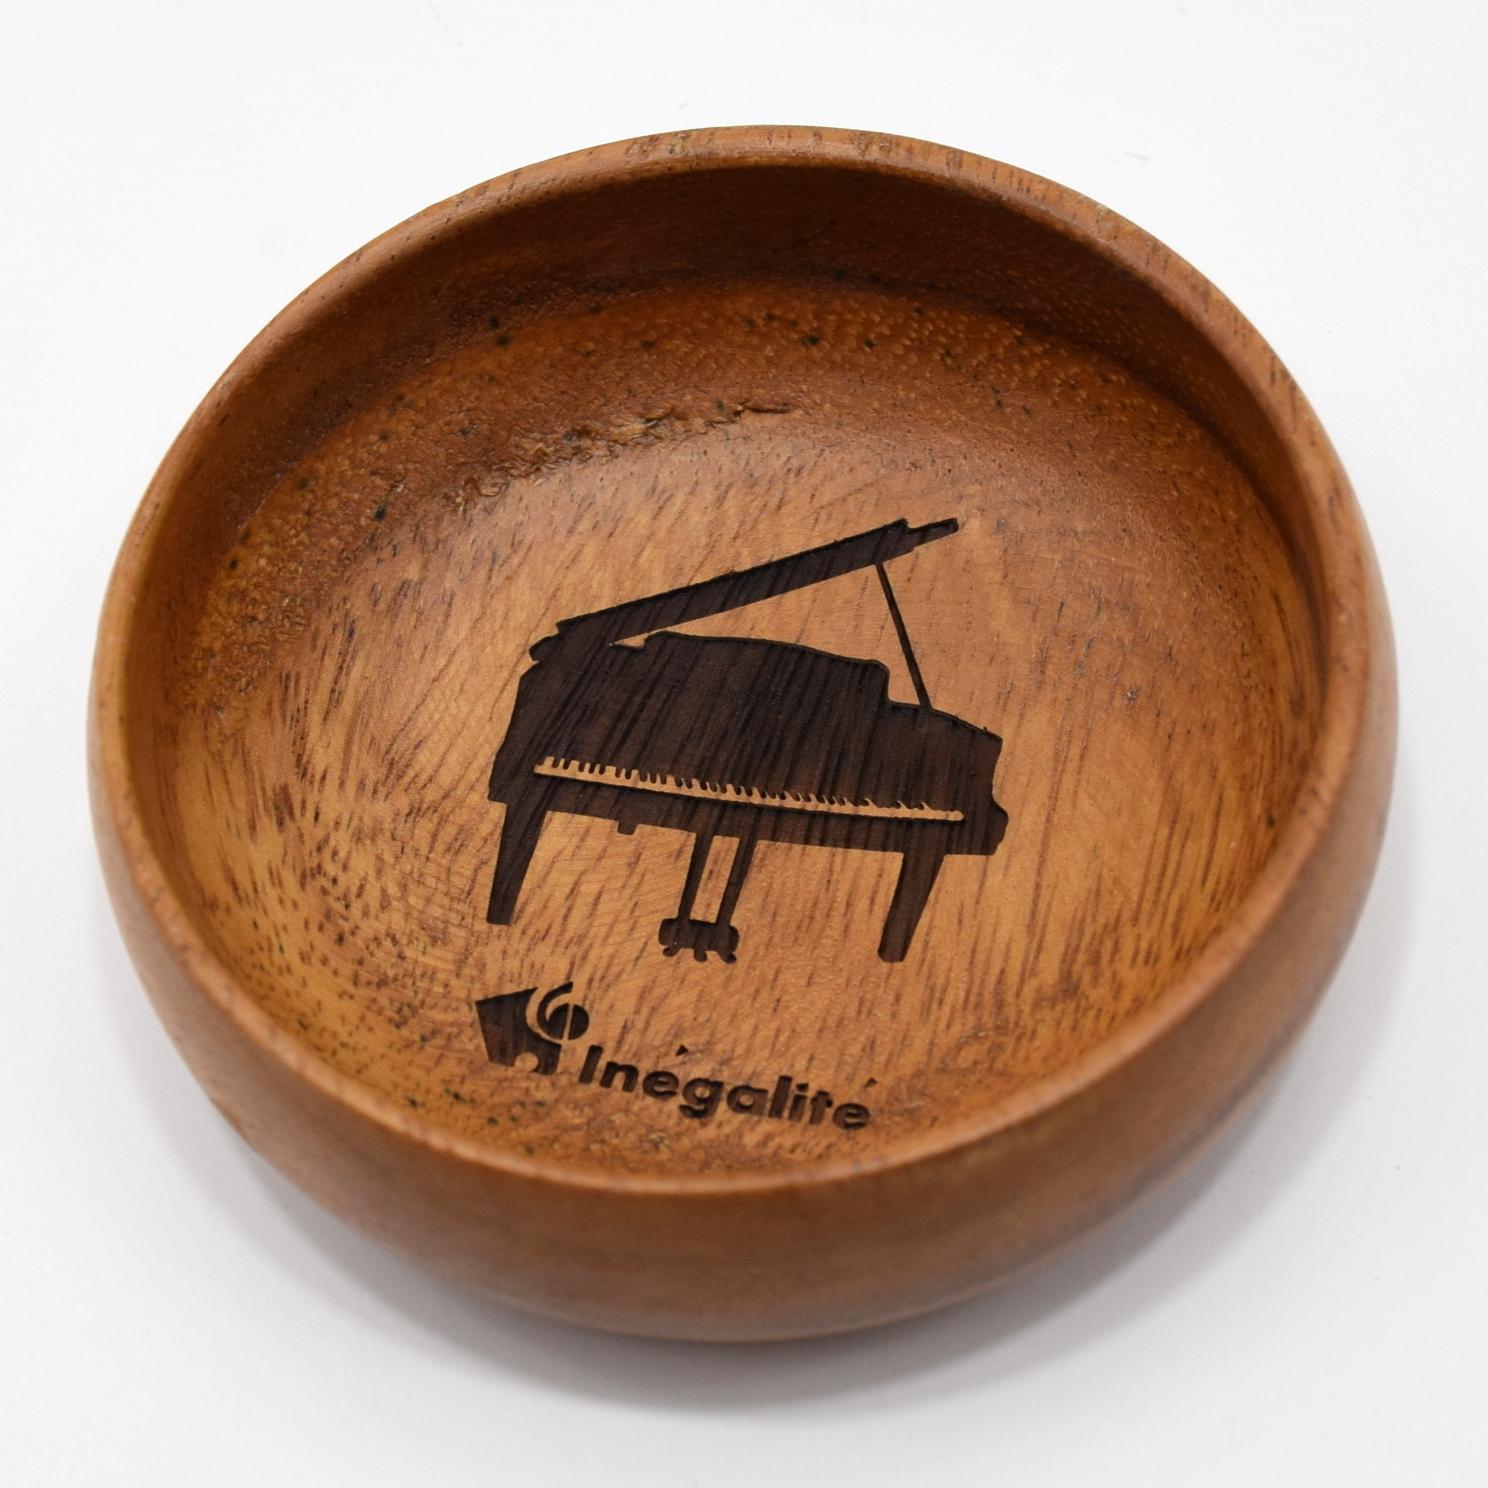 [単品]アカシアボウル『ピアノ・ロゴ入り』 ~発表会記念品として♪~